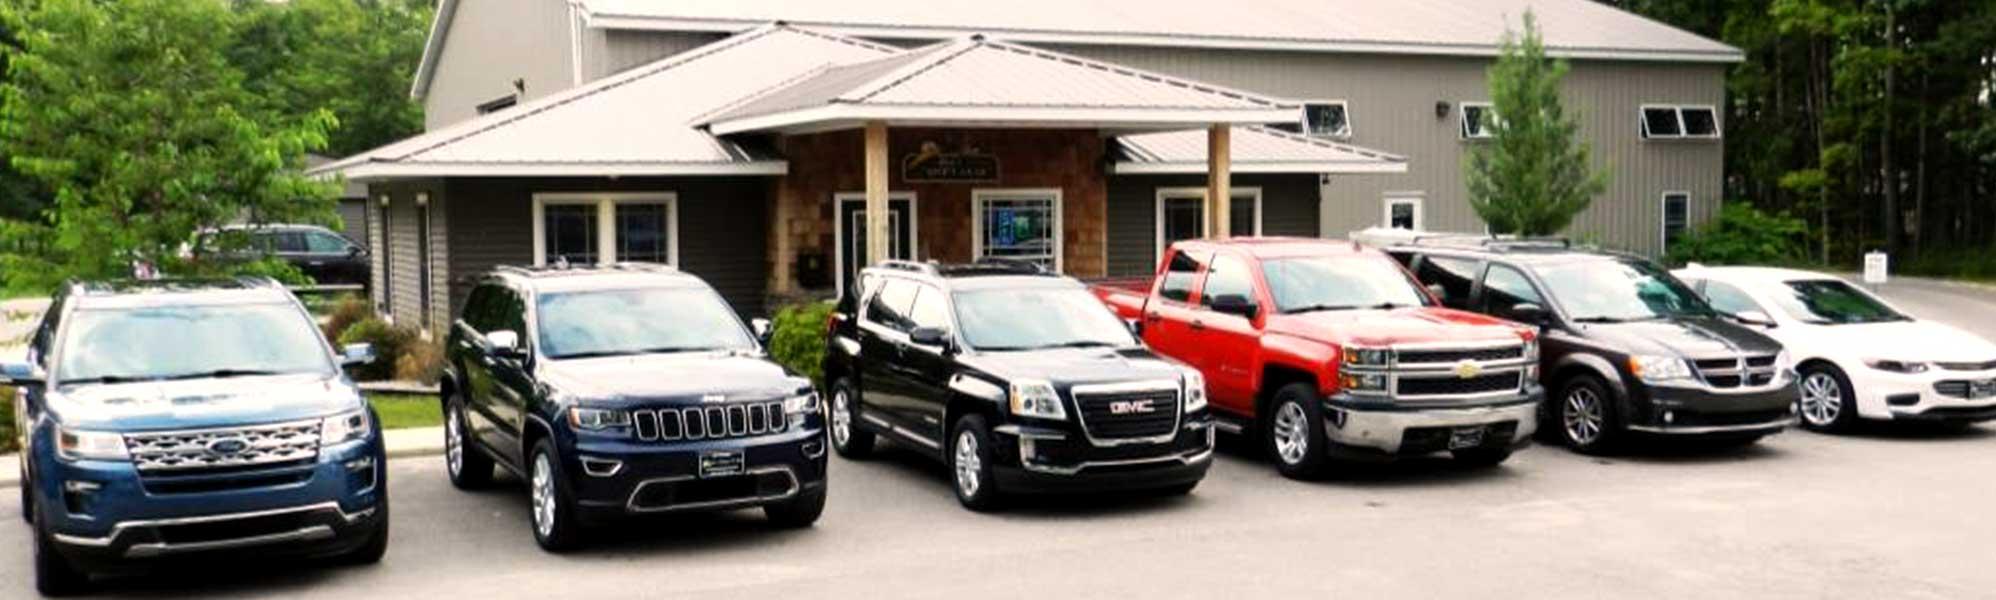 DON'S ADOPT A CAR – Car Dealer in Cadillac, MI